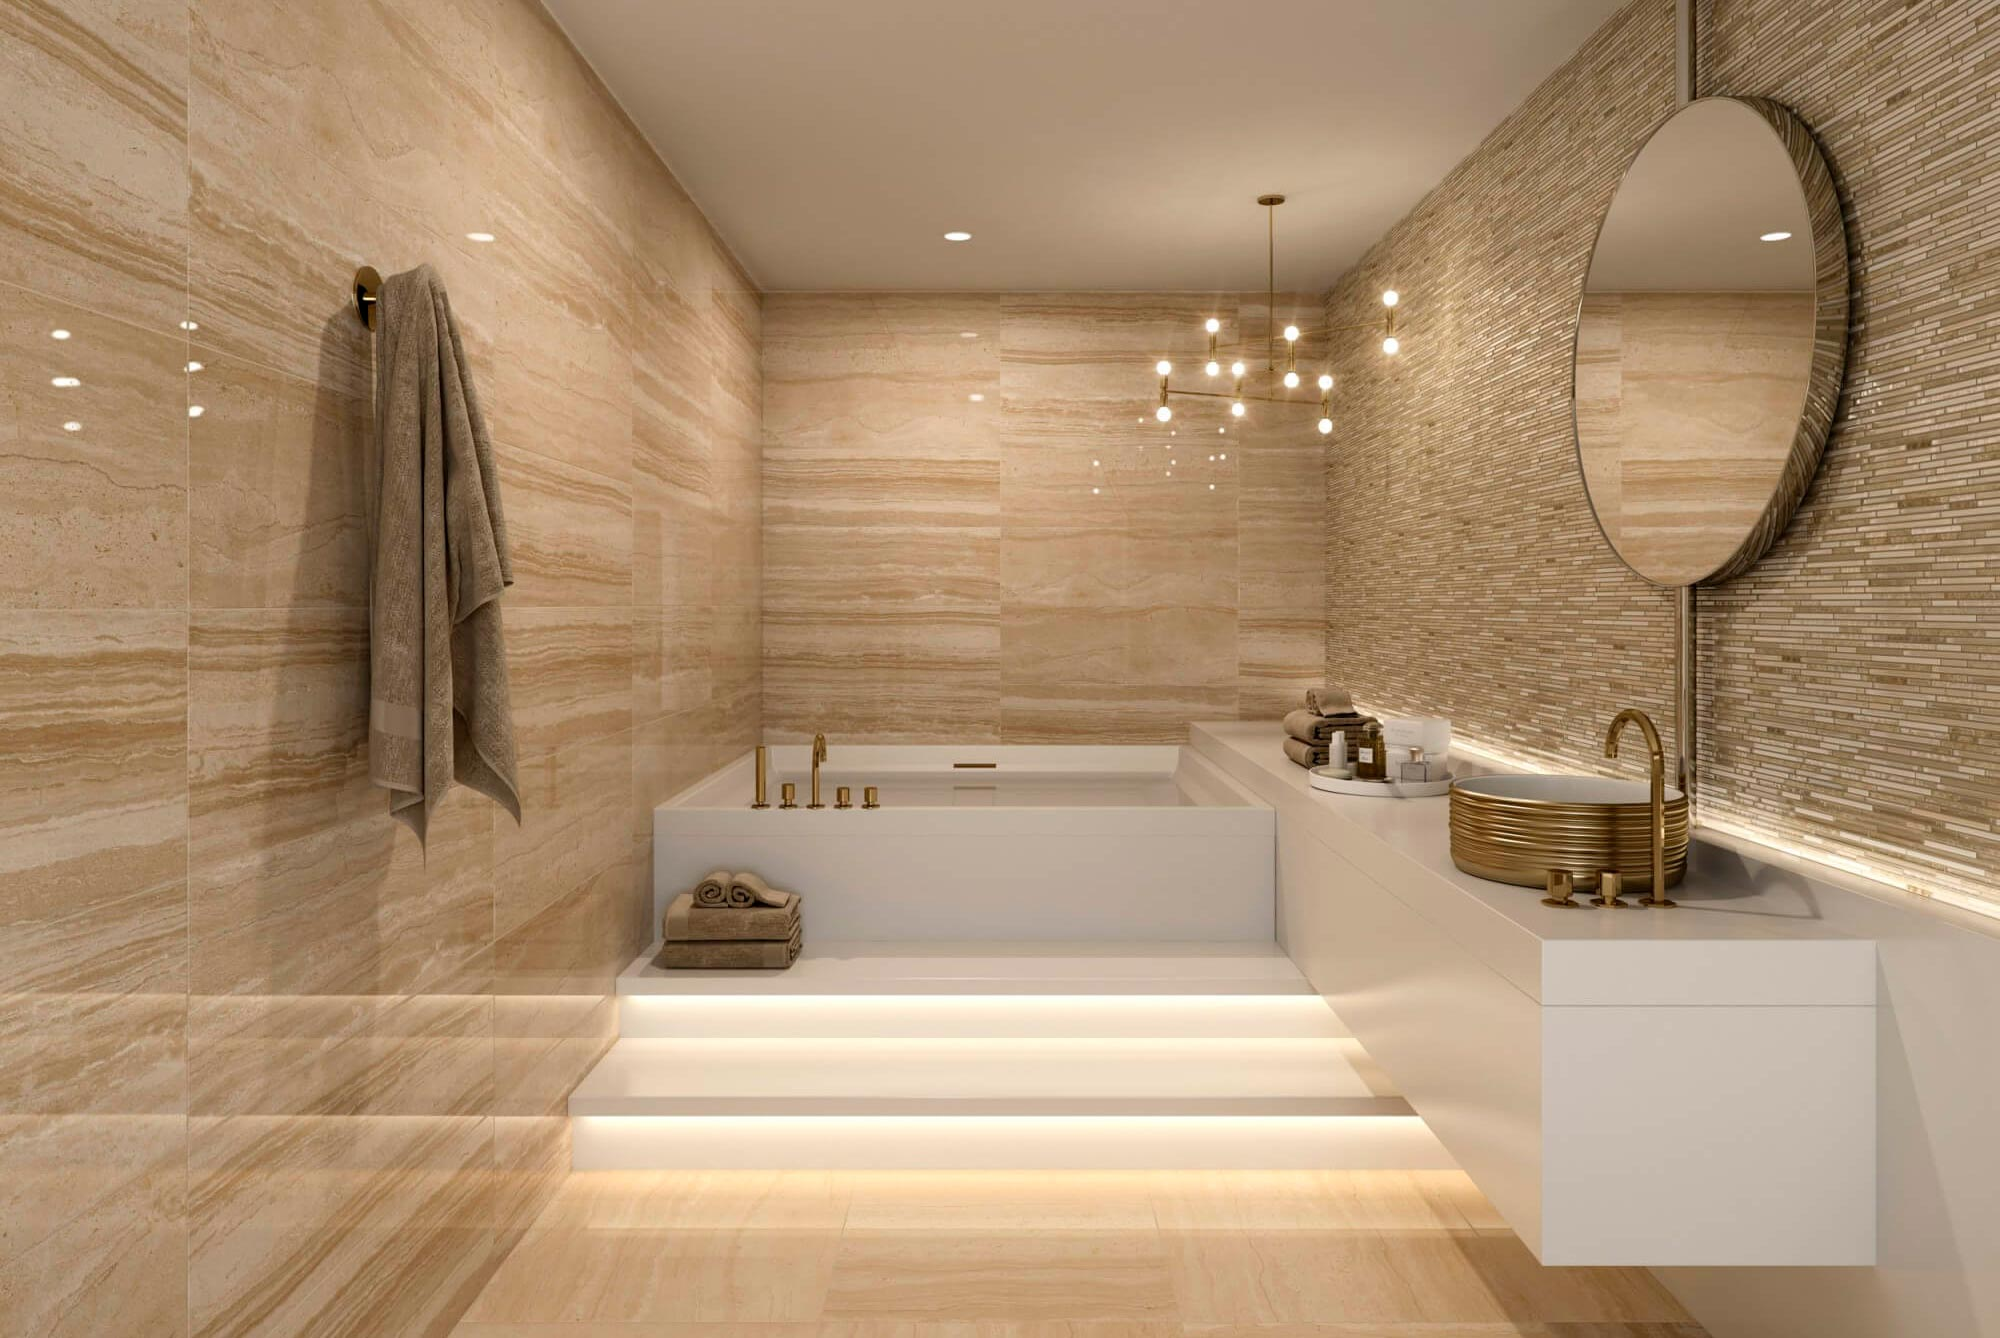 Отделка стен в ванной комнате мрамором: интересные идеи для интерьера